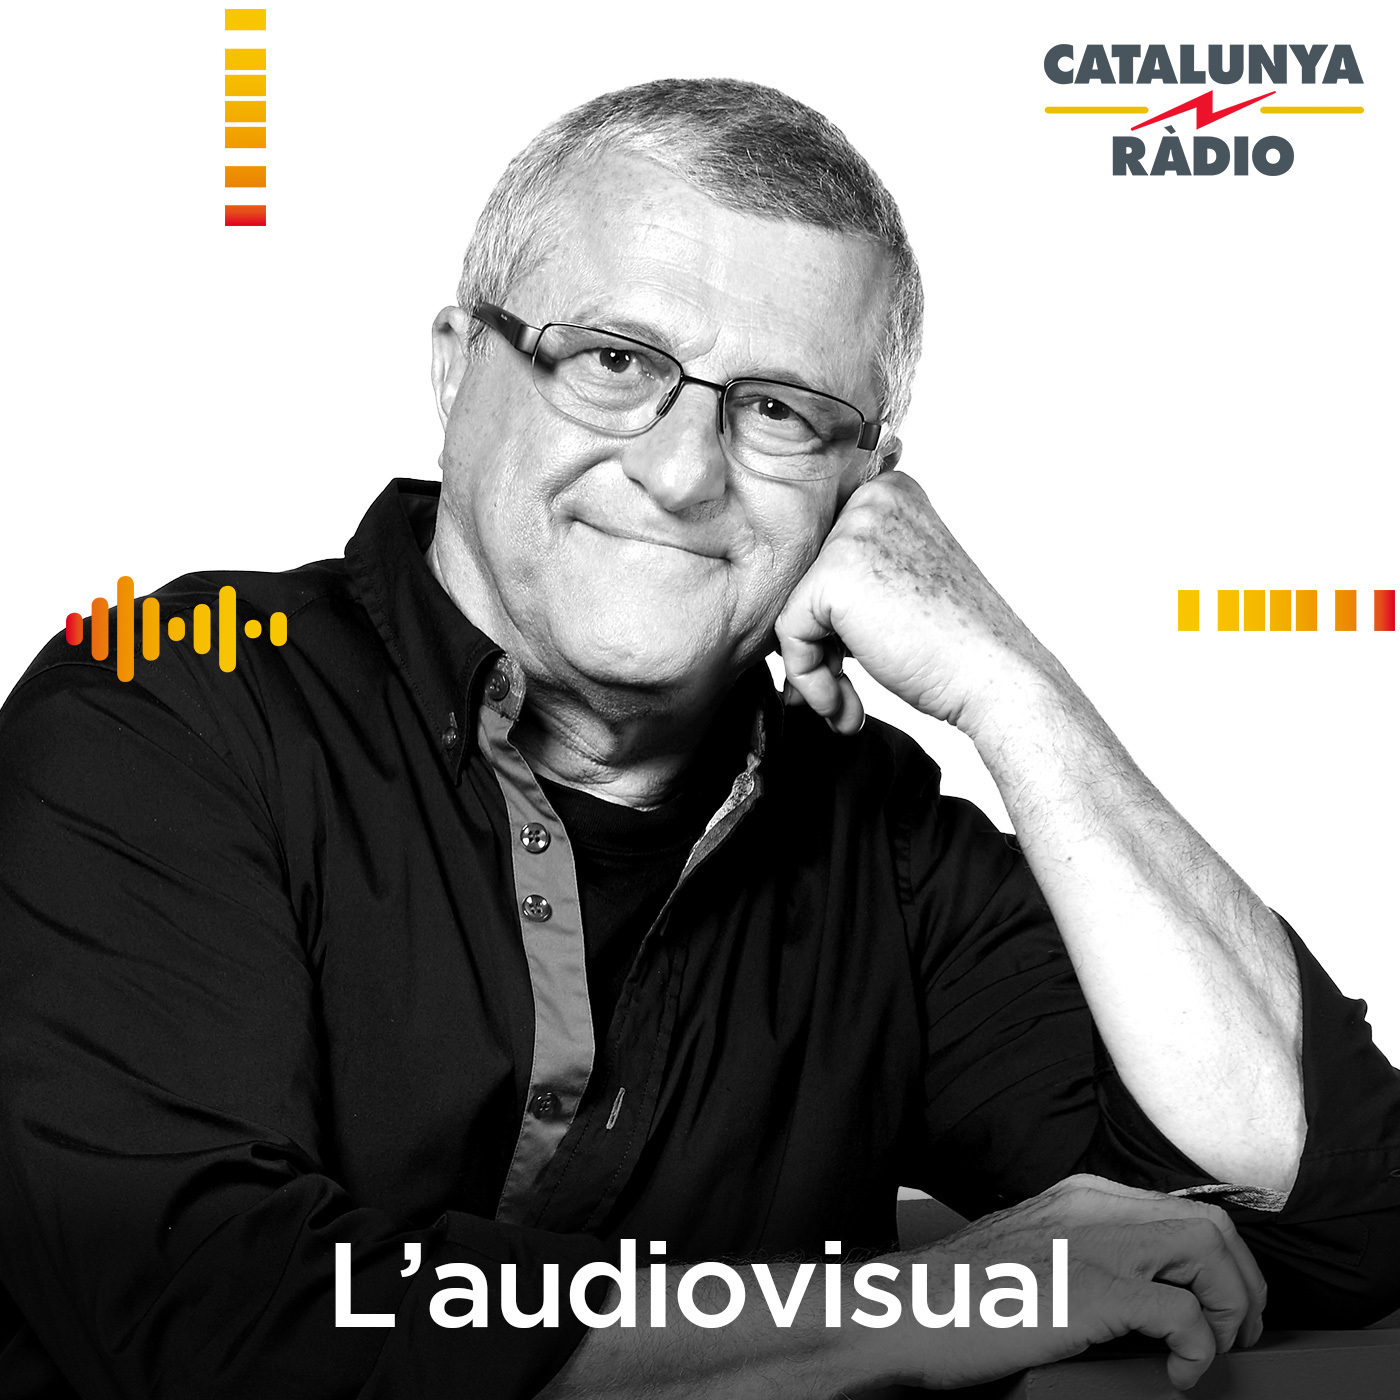 L'audiovisual